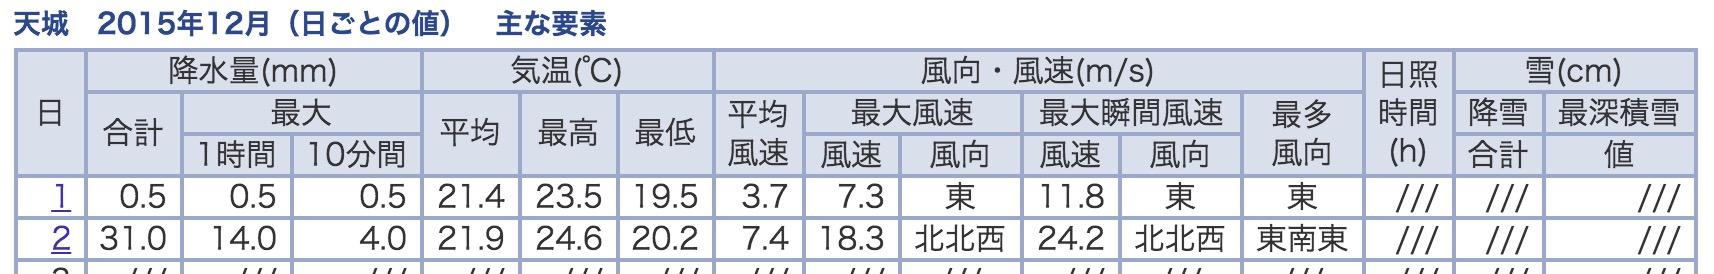 2015年12月の気象庁の記録